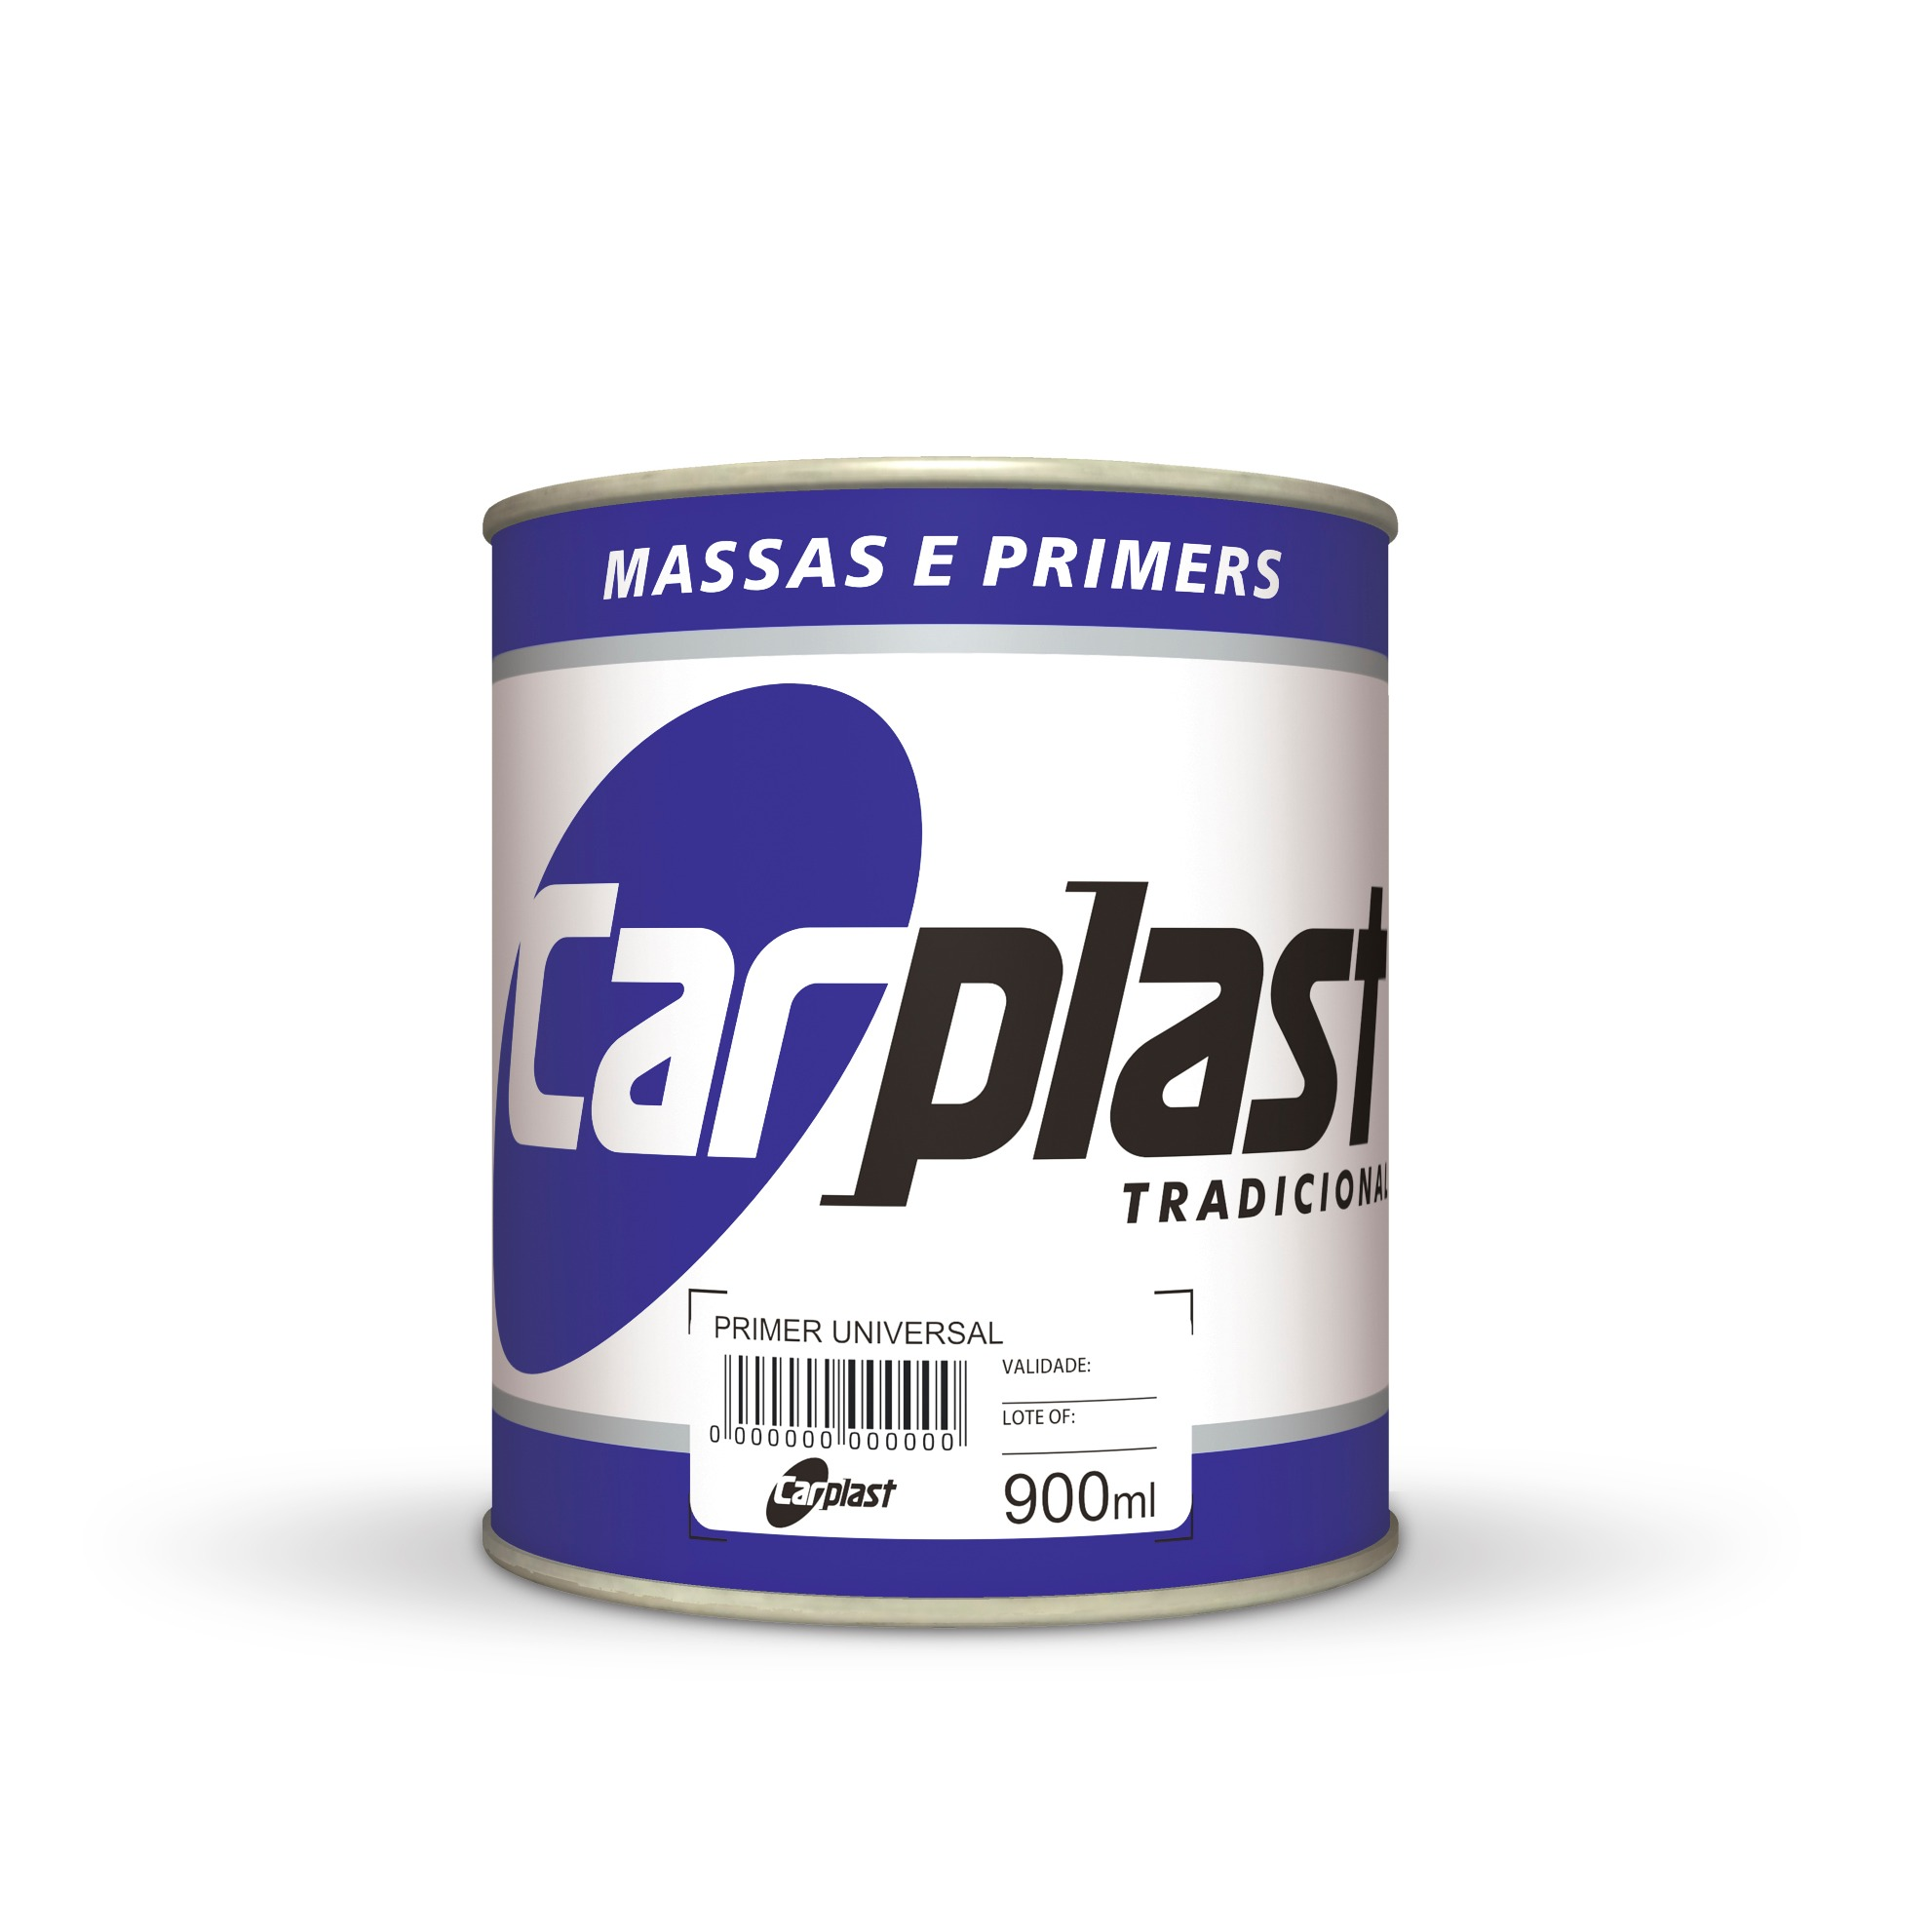 Primer Universal Carplast